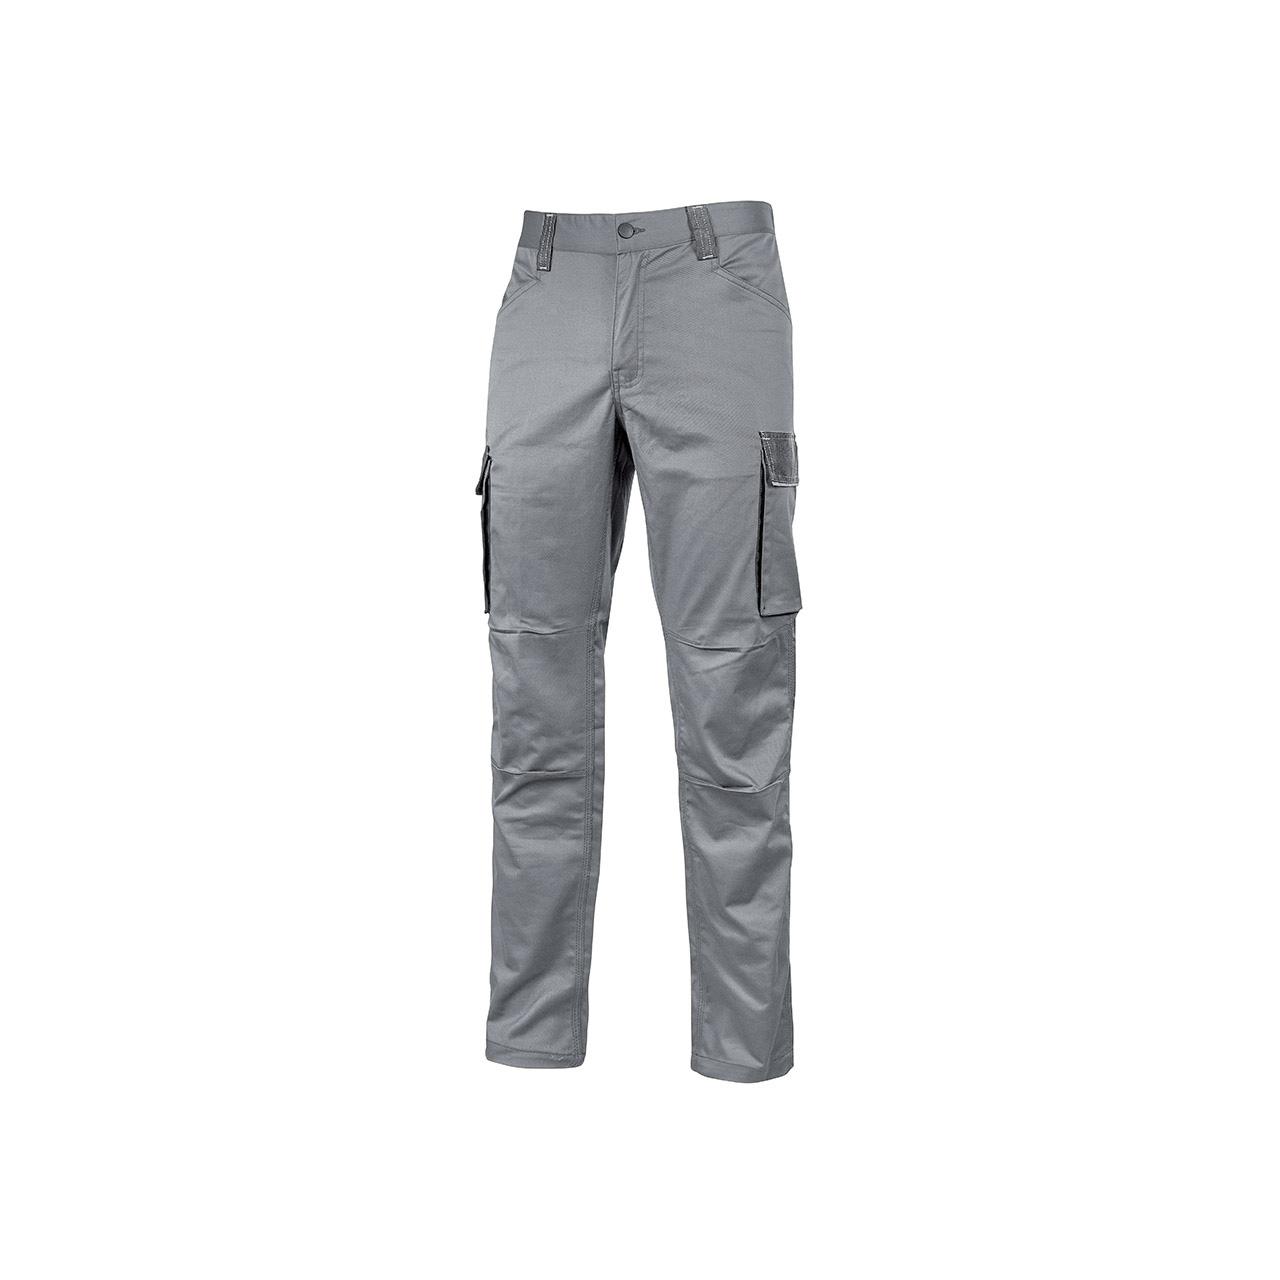 pantalone da lavoro upower modello crazy colore stone grey